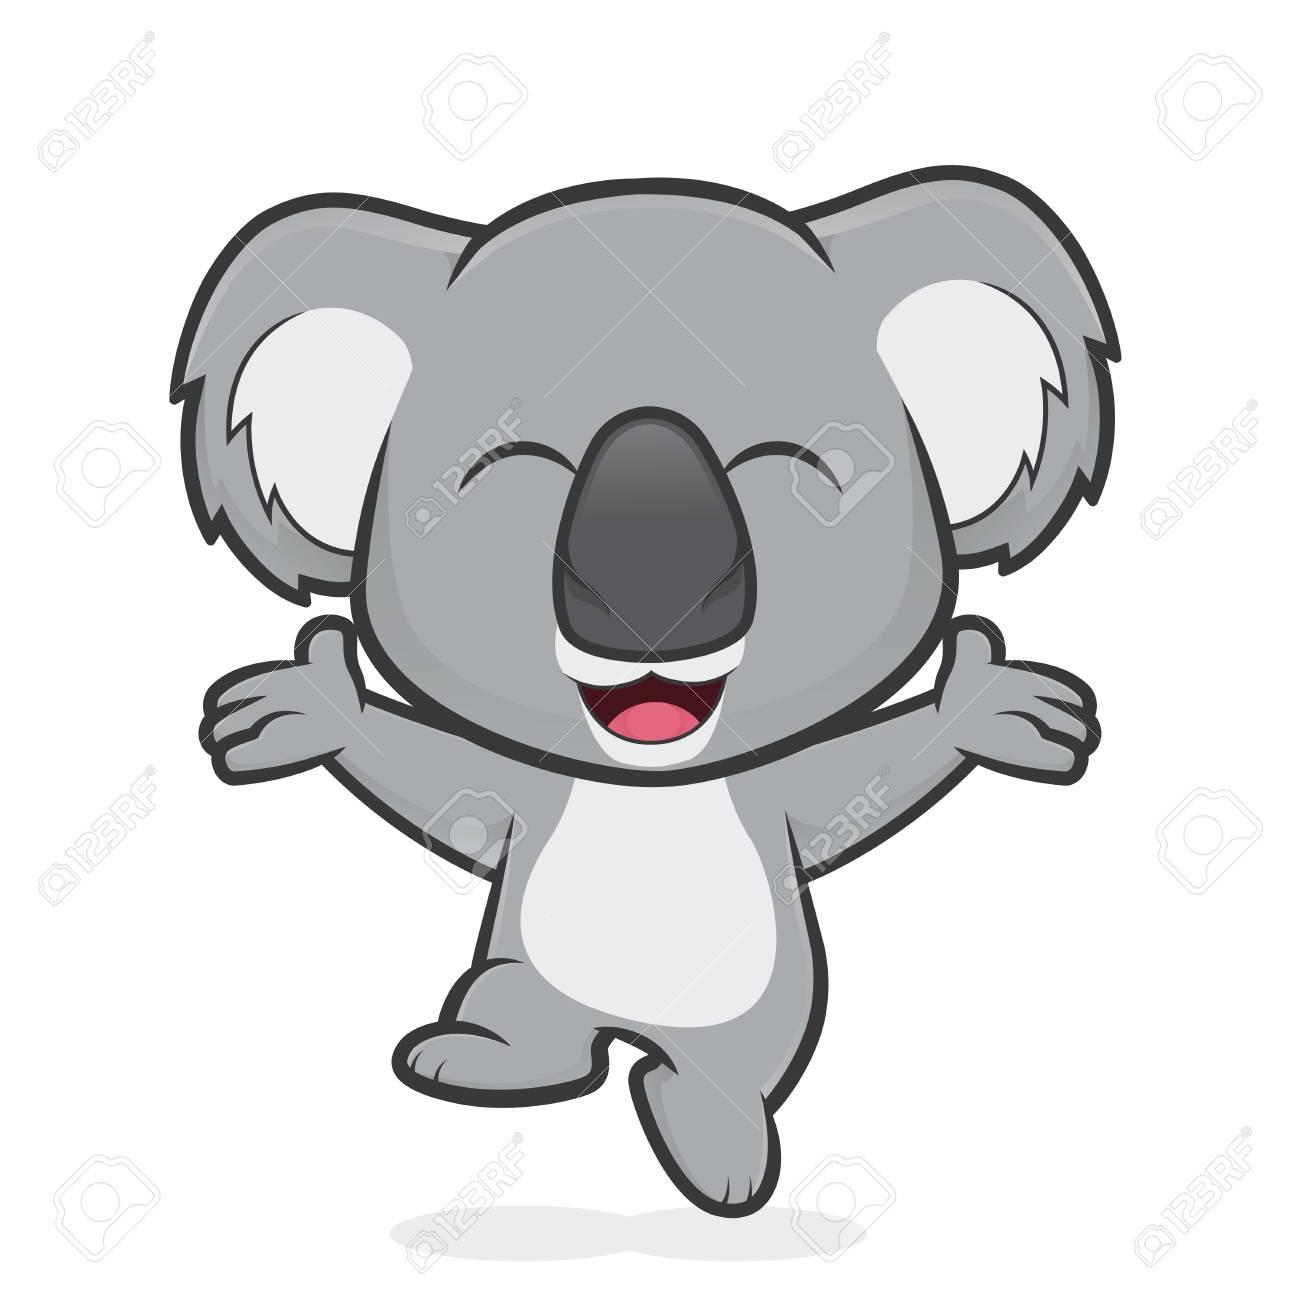 Happy koala jumping - 85104279